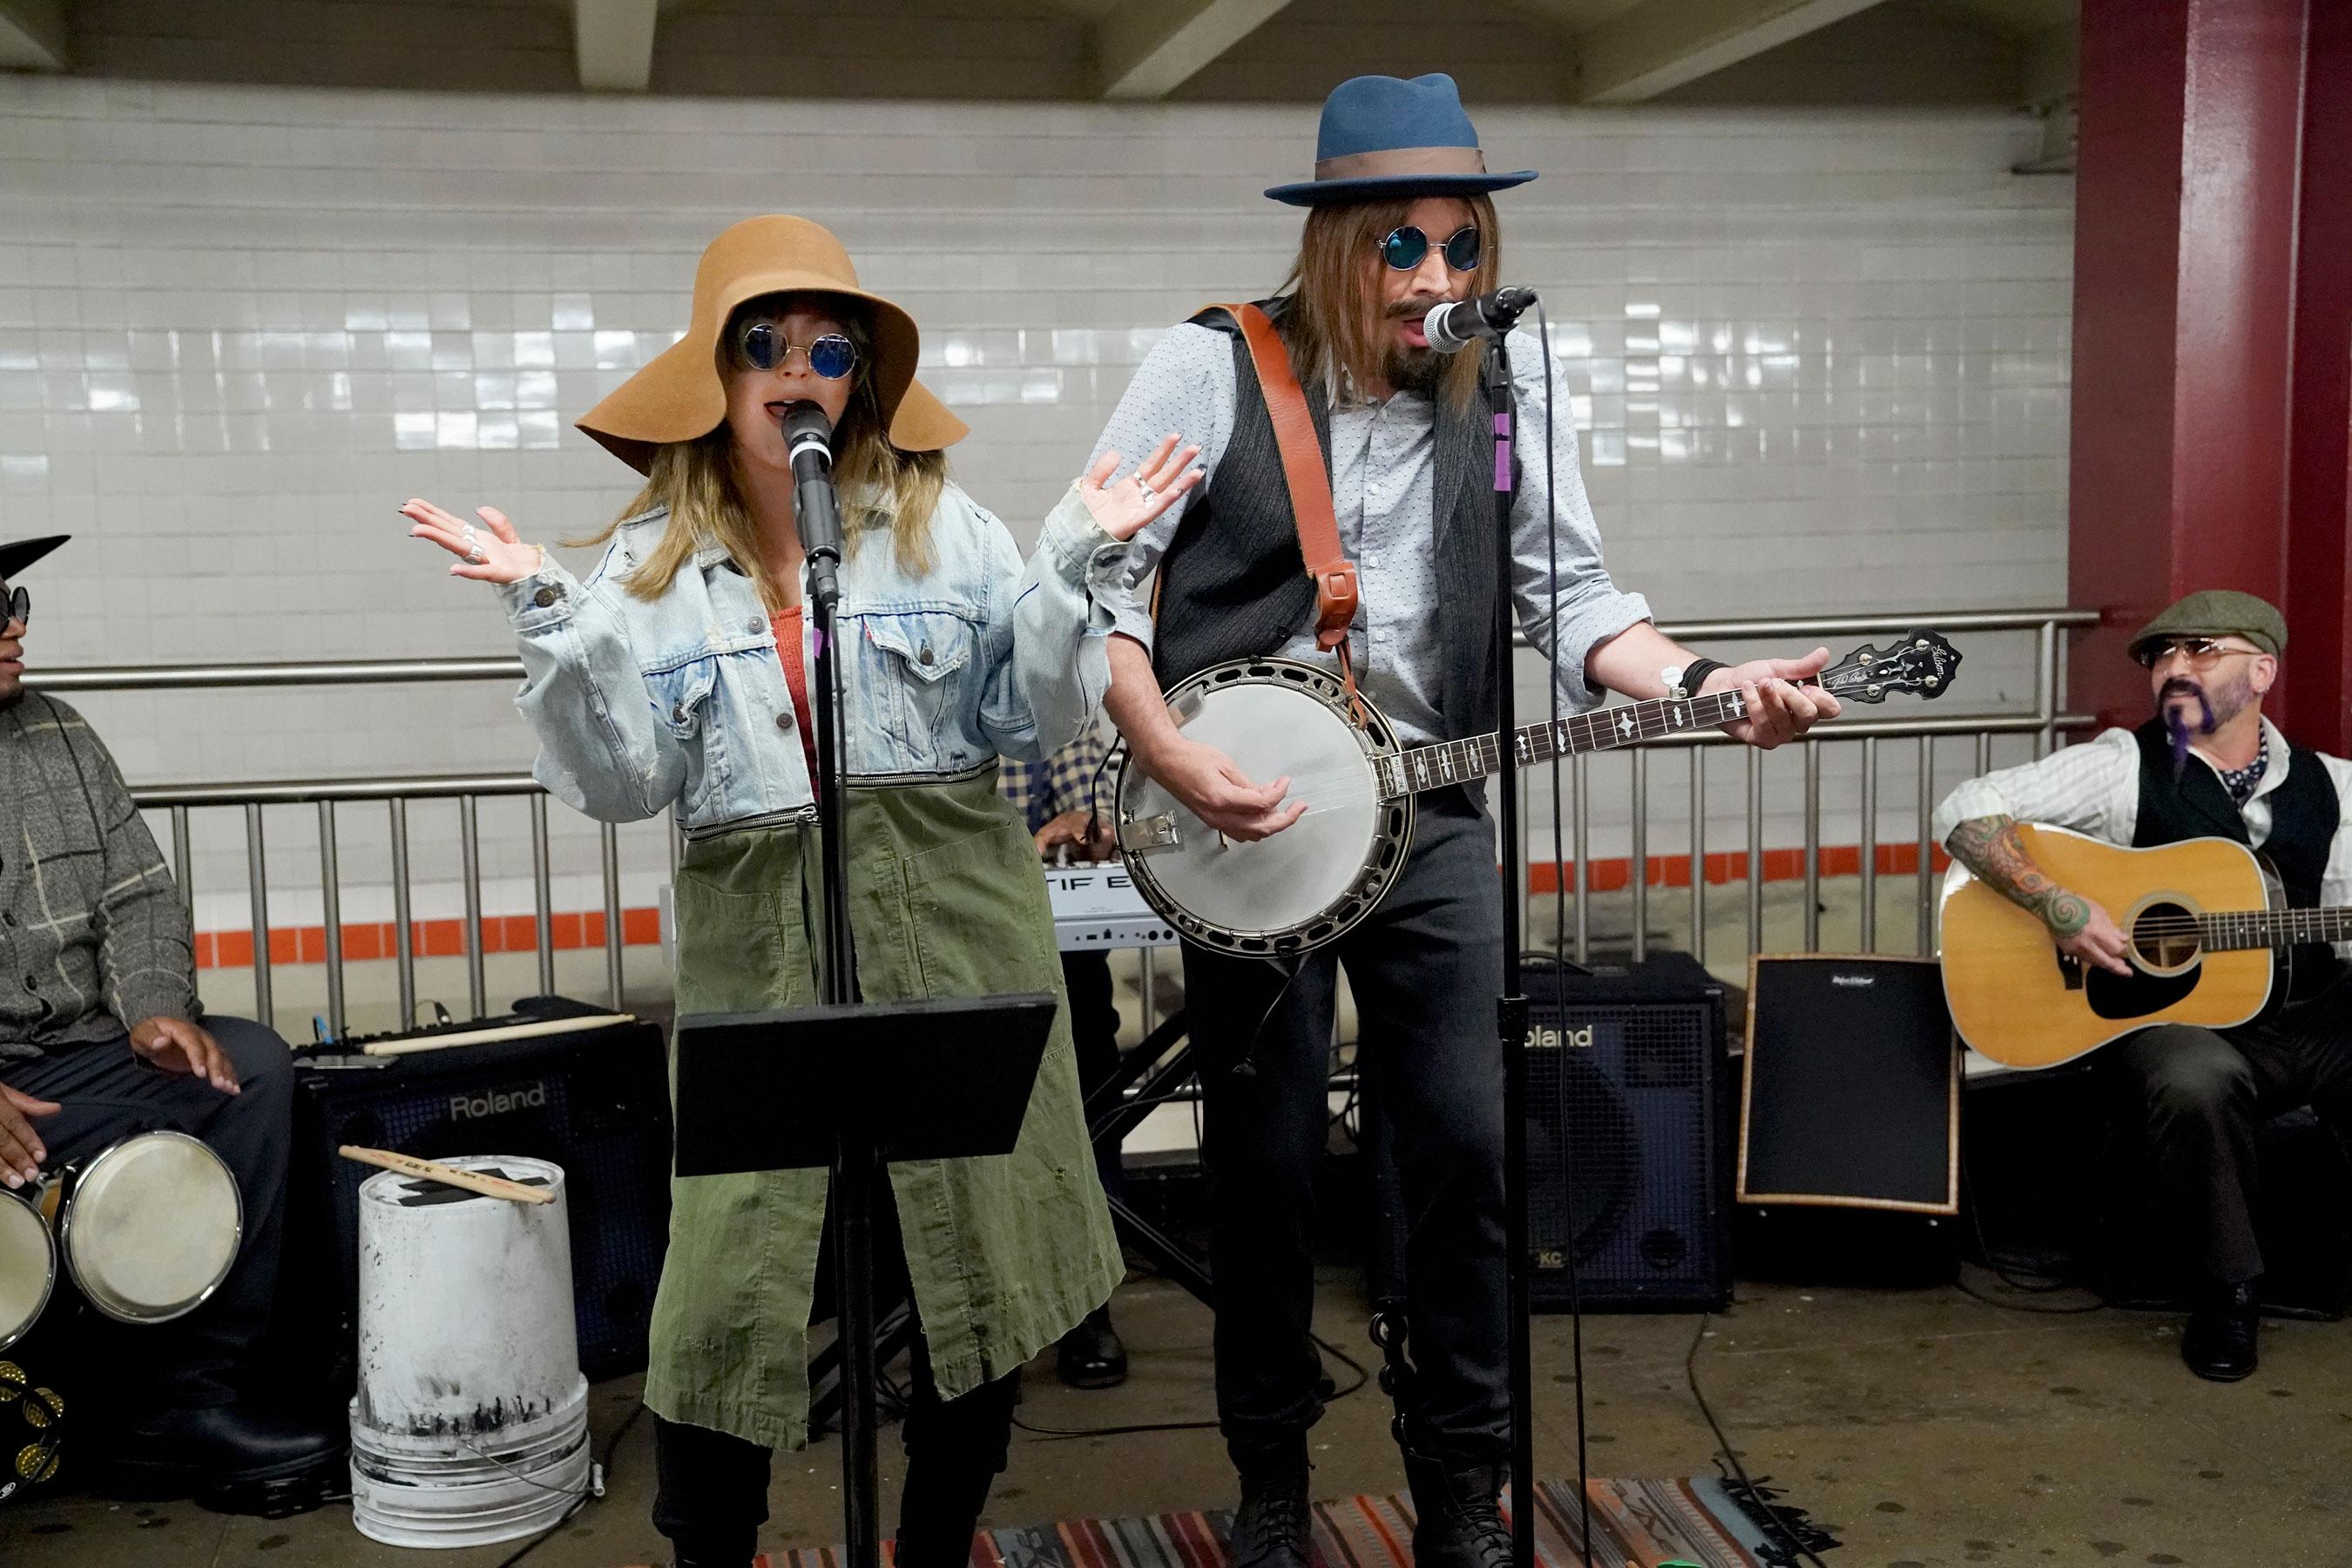 Кристина Агилера и Джимми Фэллон спели в метро-320x180